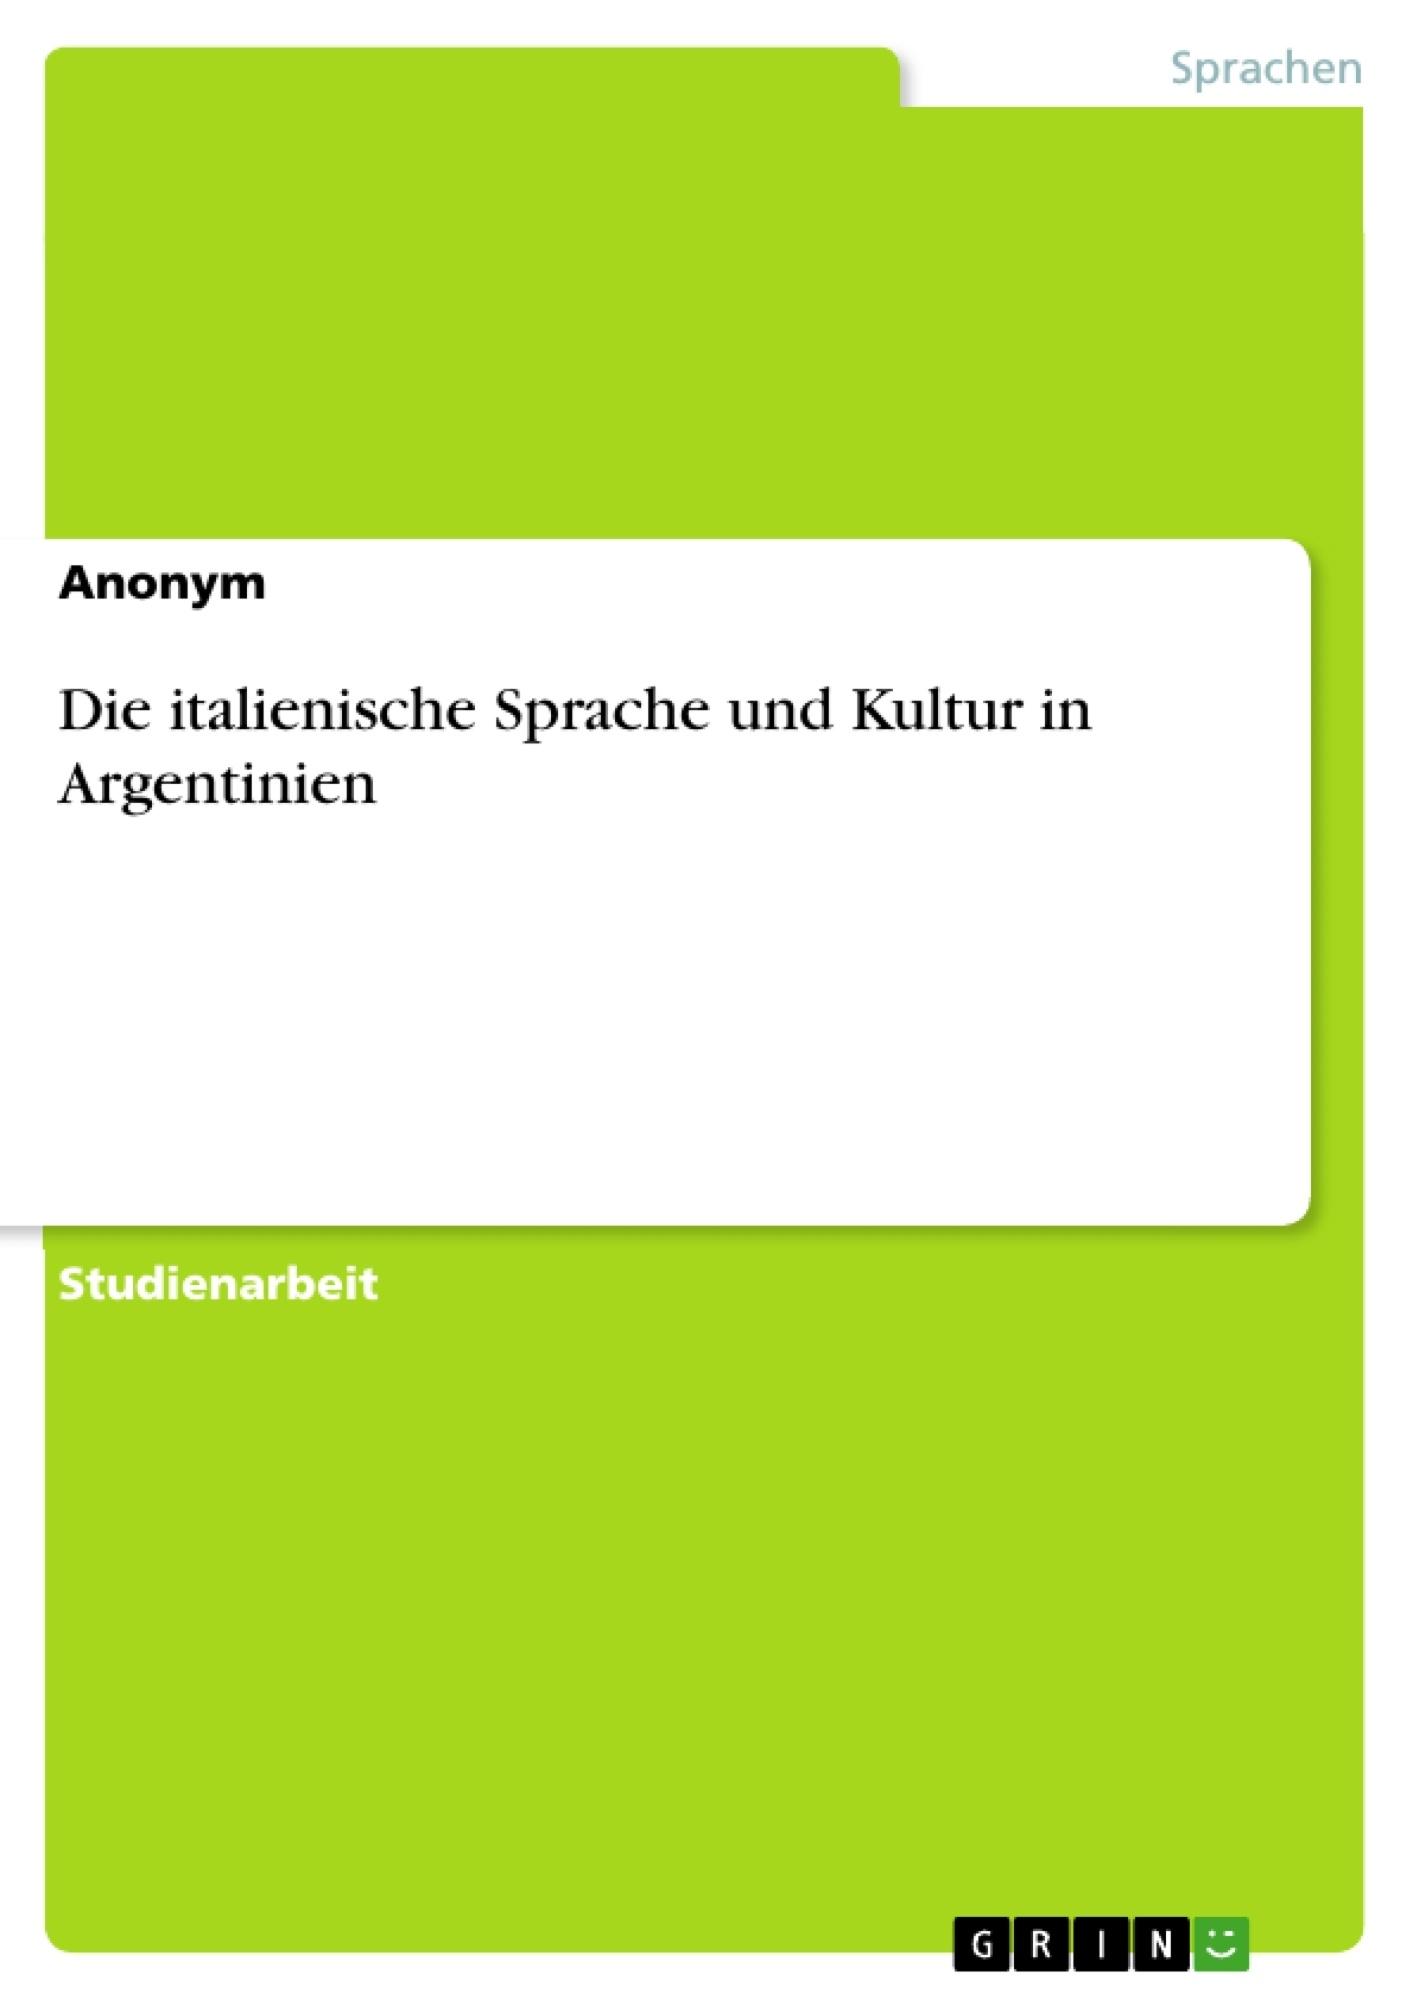 Titel: Die italienische Sprache und Kultur in Argentinien